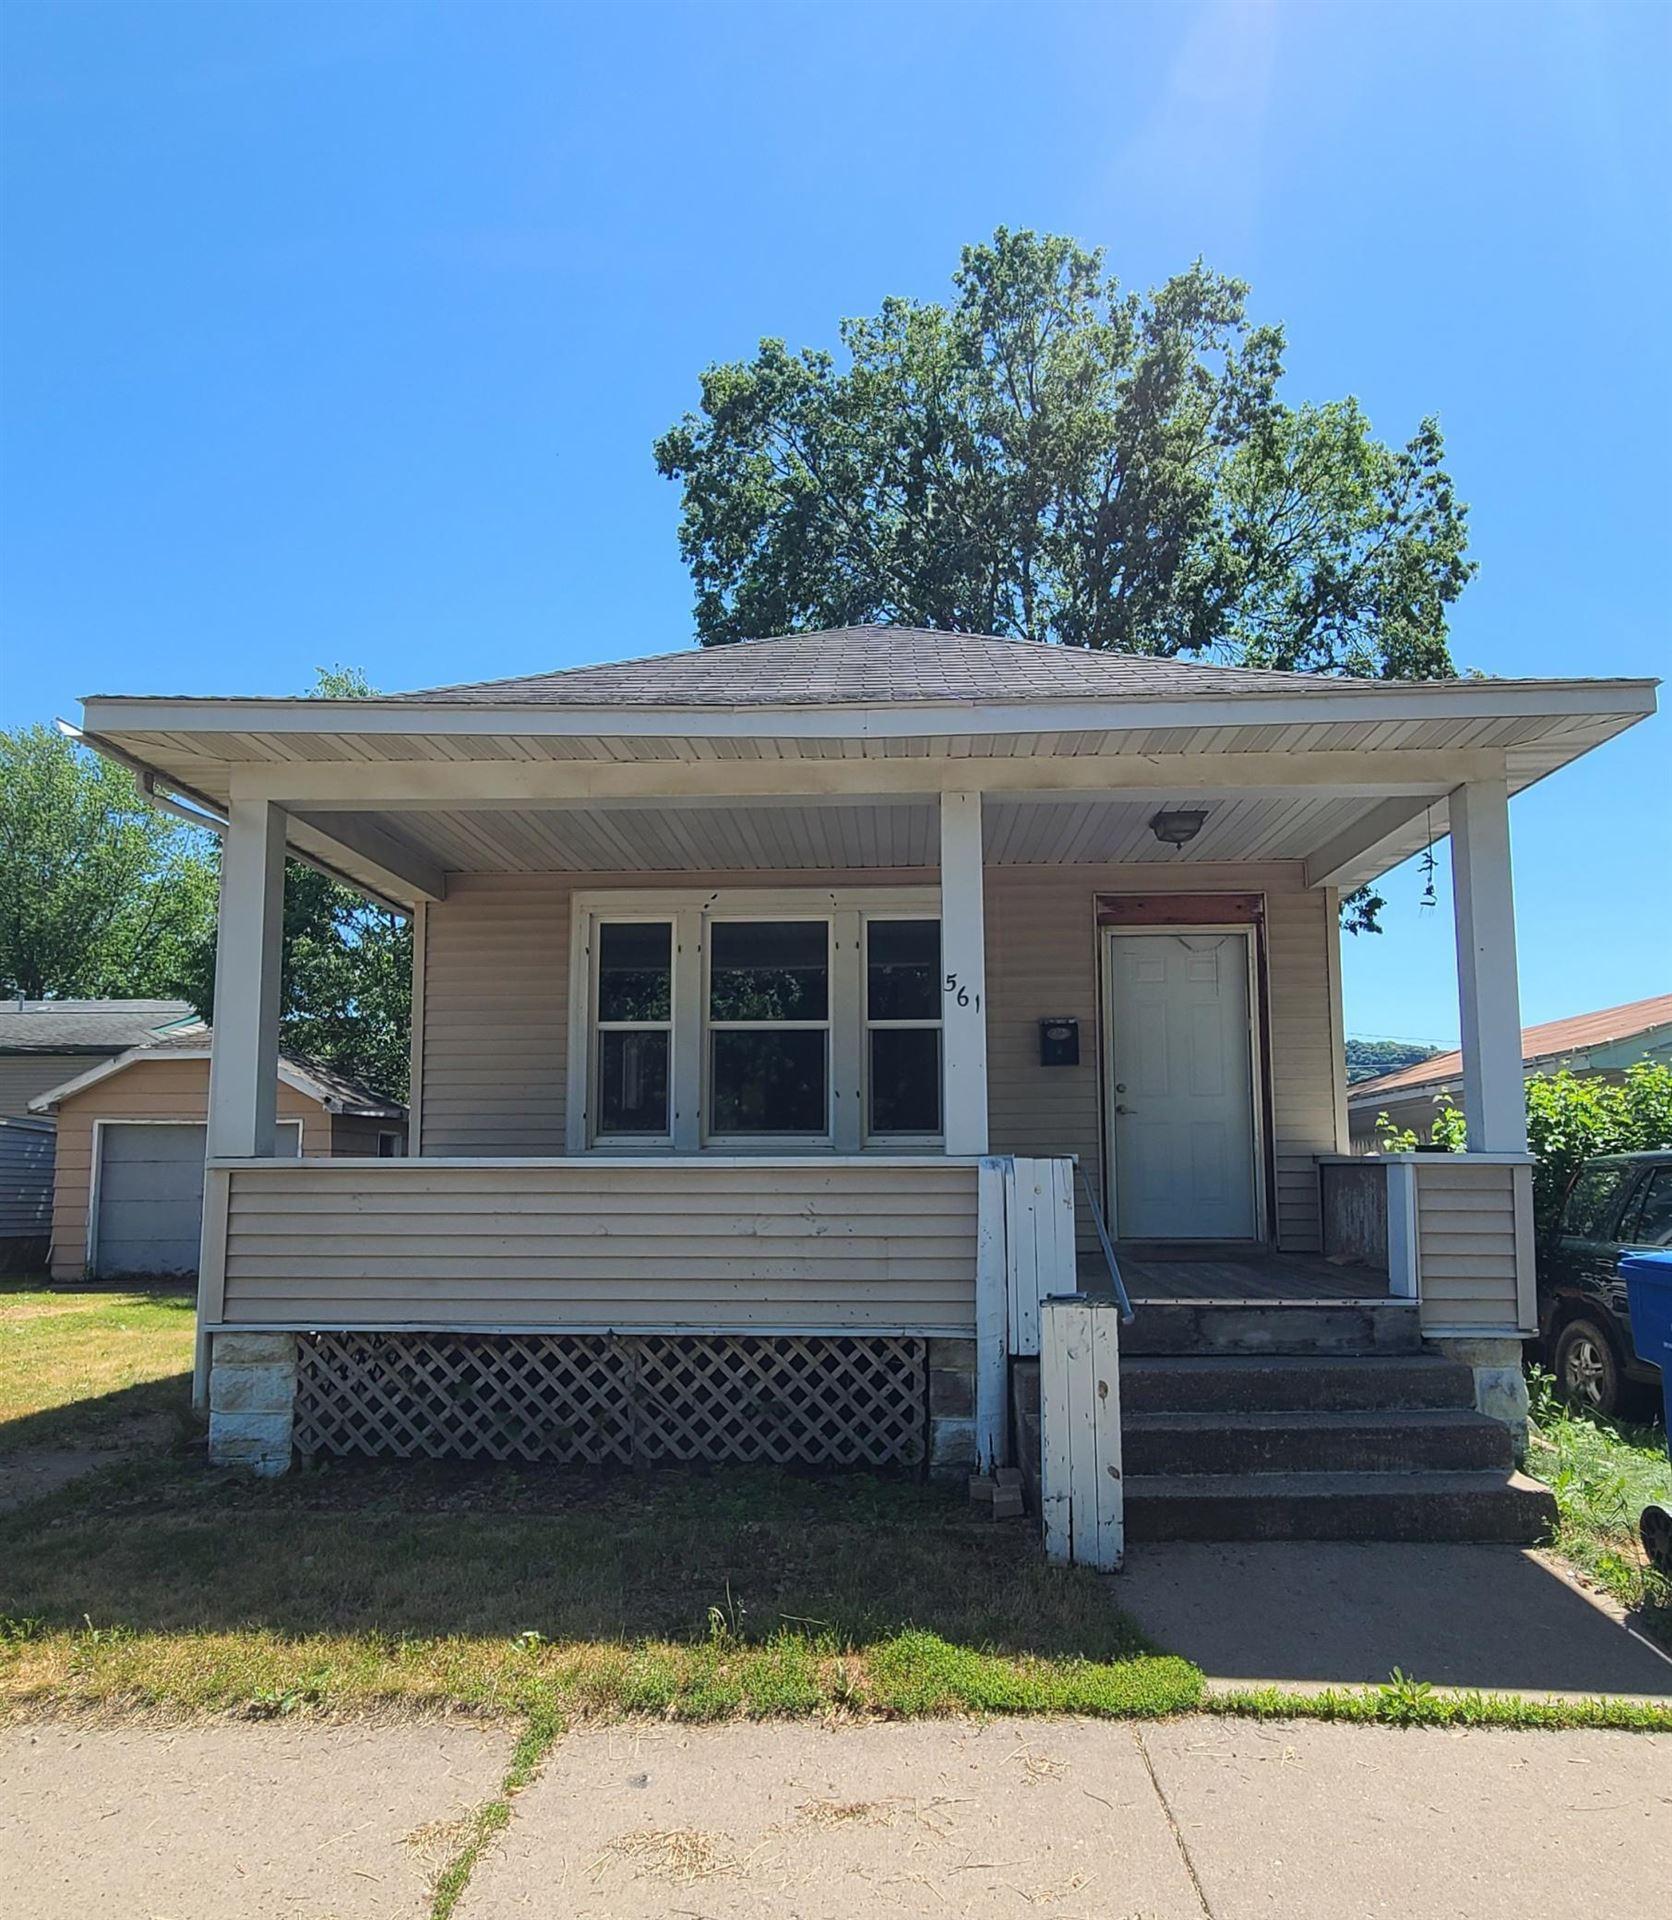 561 W Sanborn Street, Winona, MN 55987 - MLS#: 6014300